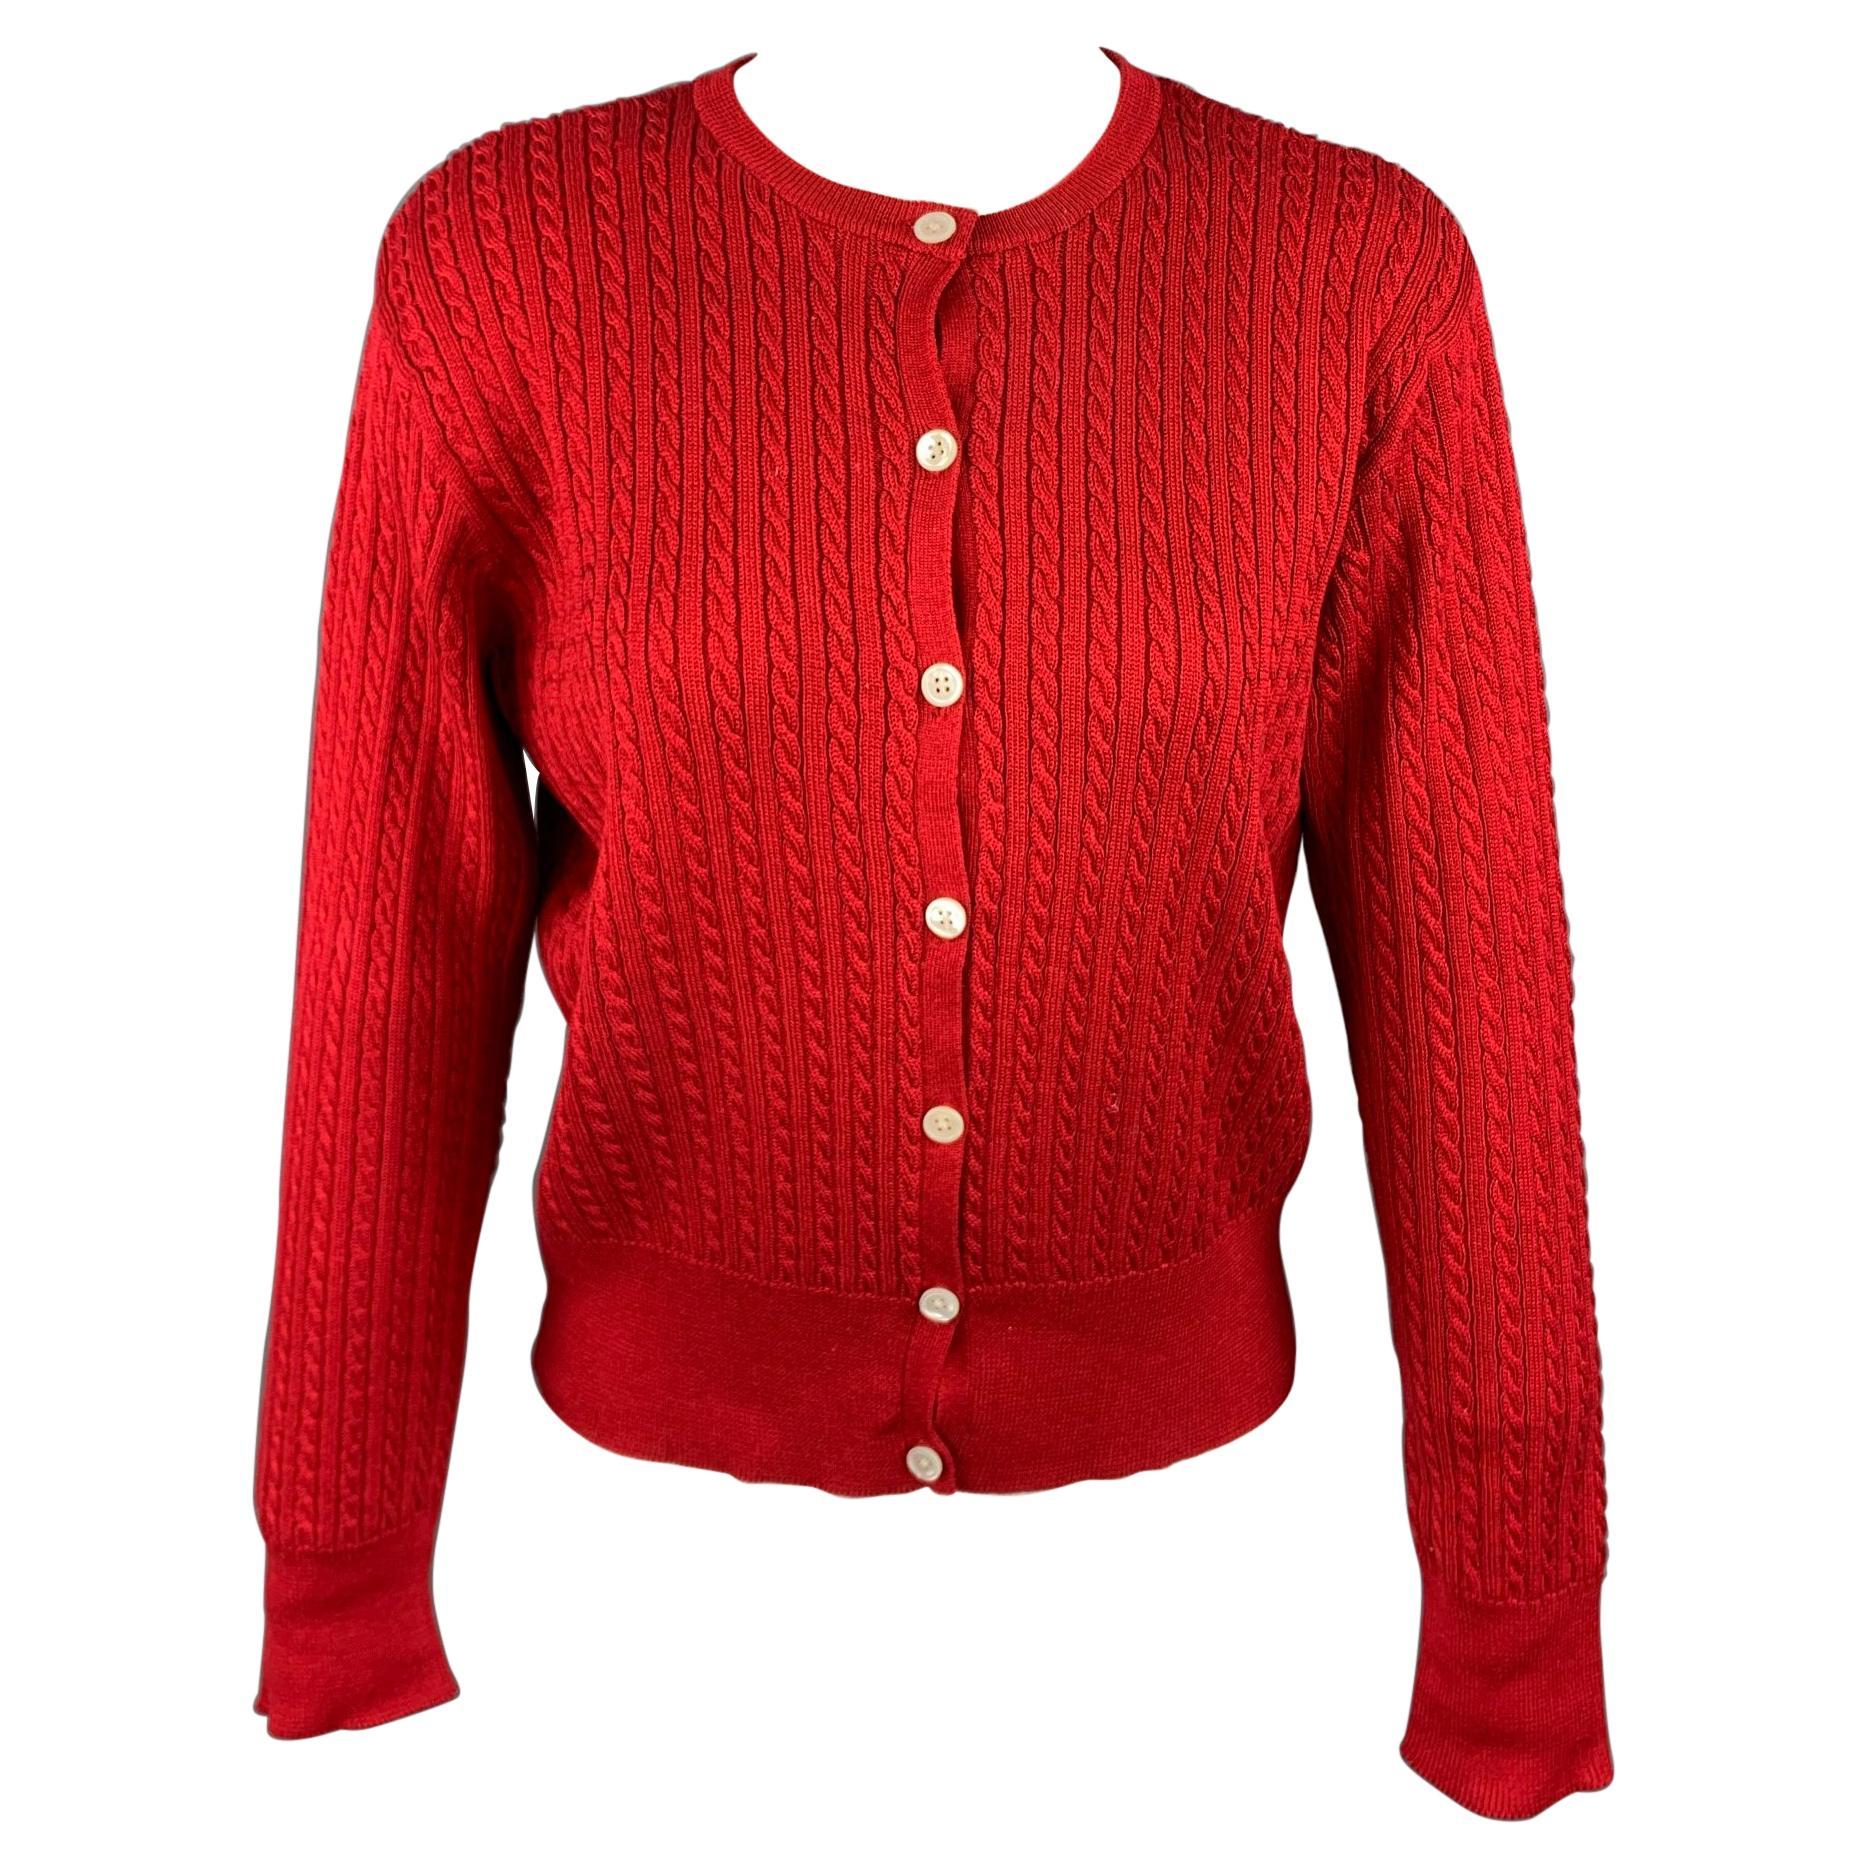 RALPH LAUREN Blue Label Size M Red Cable Knit Cotton Cardigan